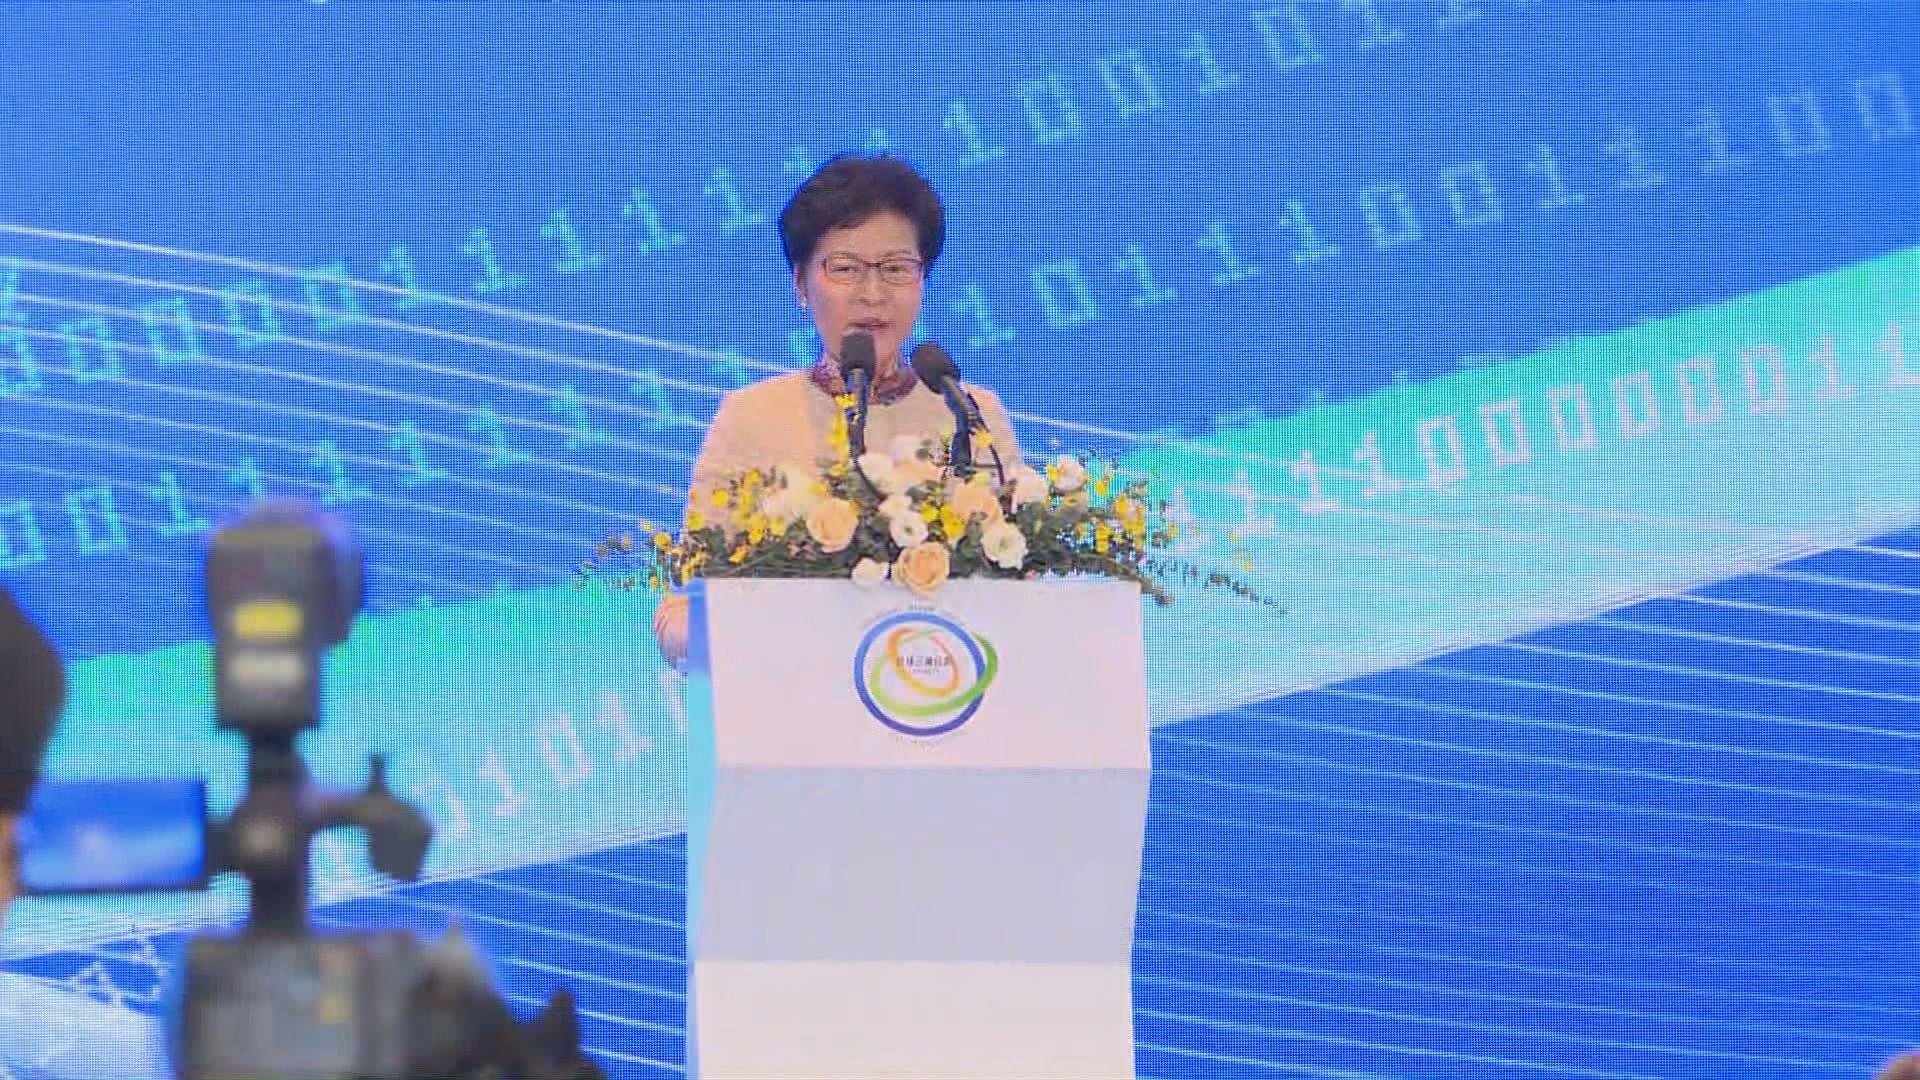 林鄭:高鐵通車助香港支持和融入大灣區發展